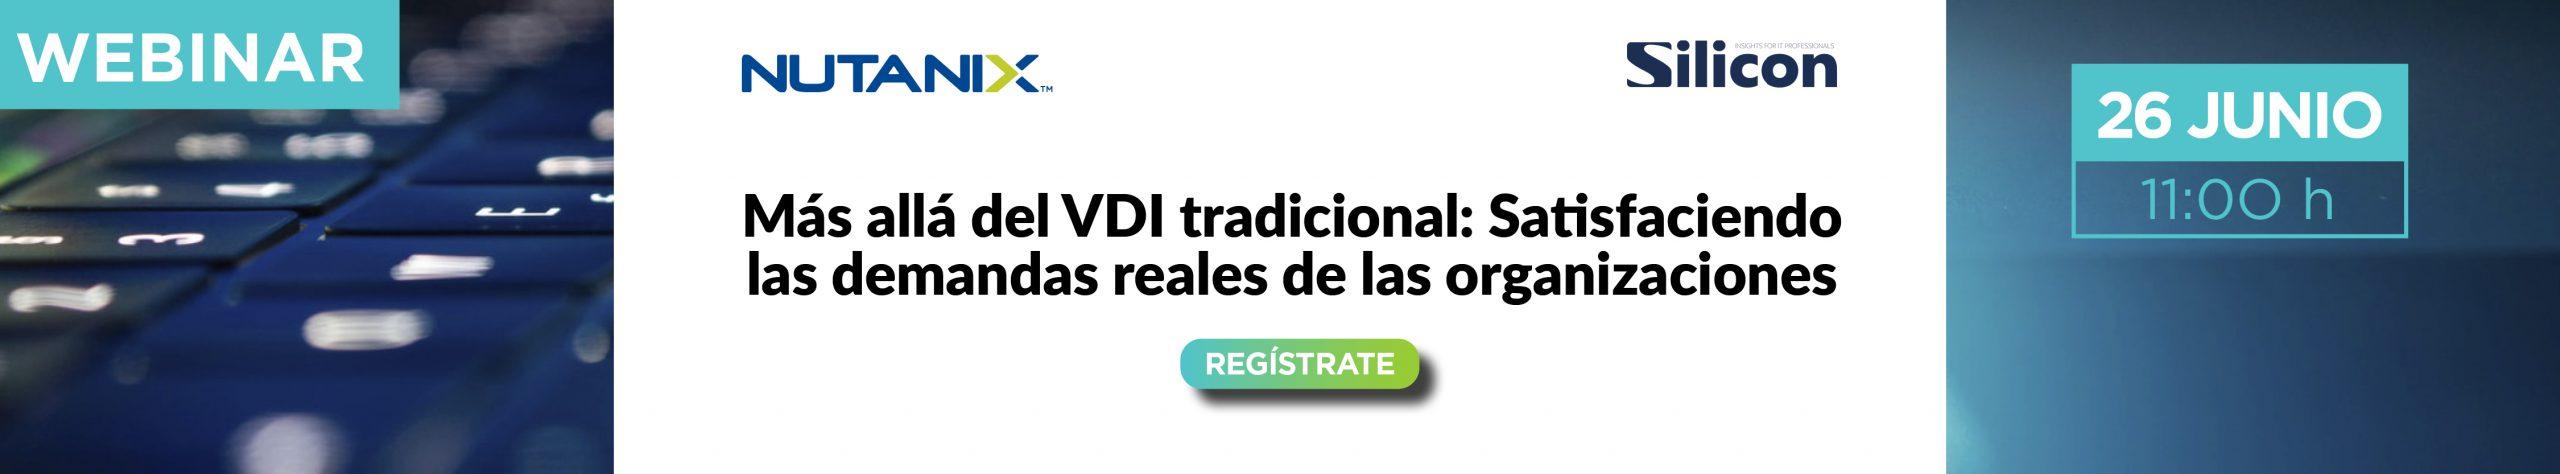 Más allá del VDI tradicional: Satisfaciendo las demandas reales de las organizaciones